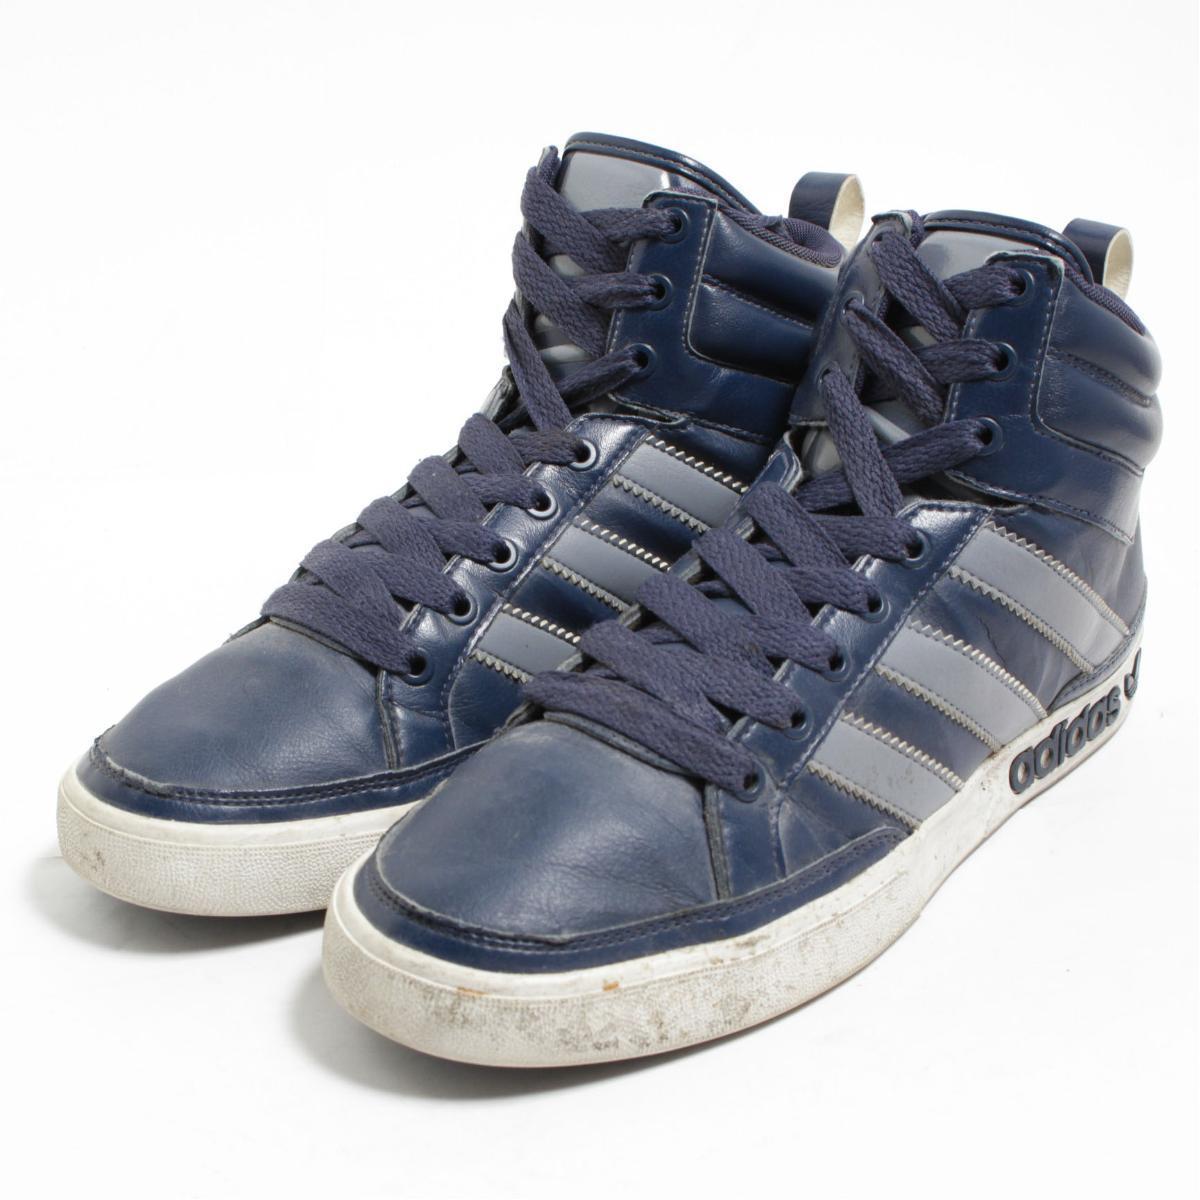 adidas zapatillas vintage